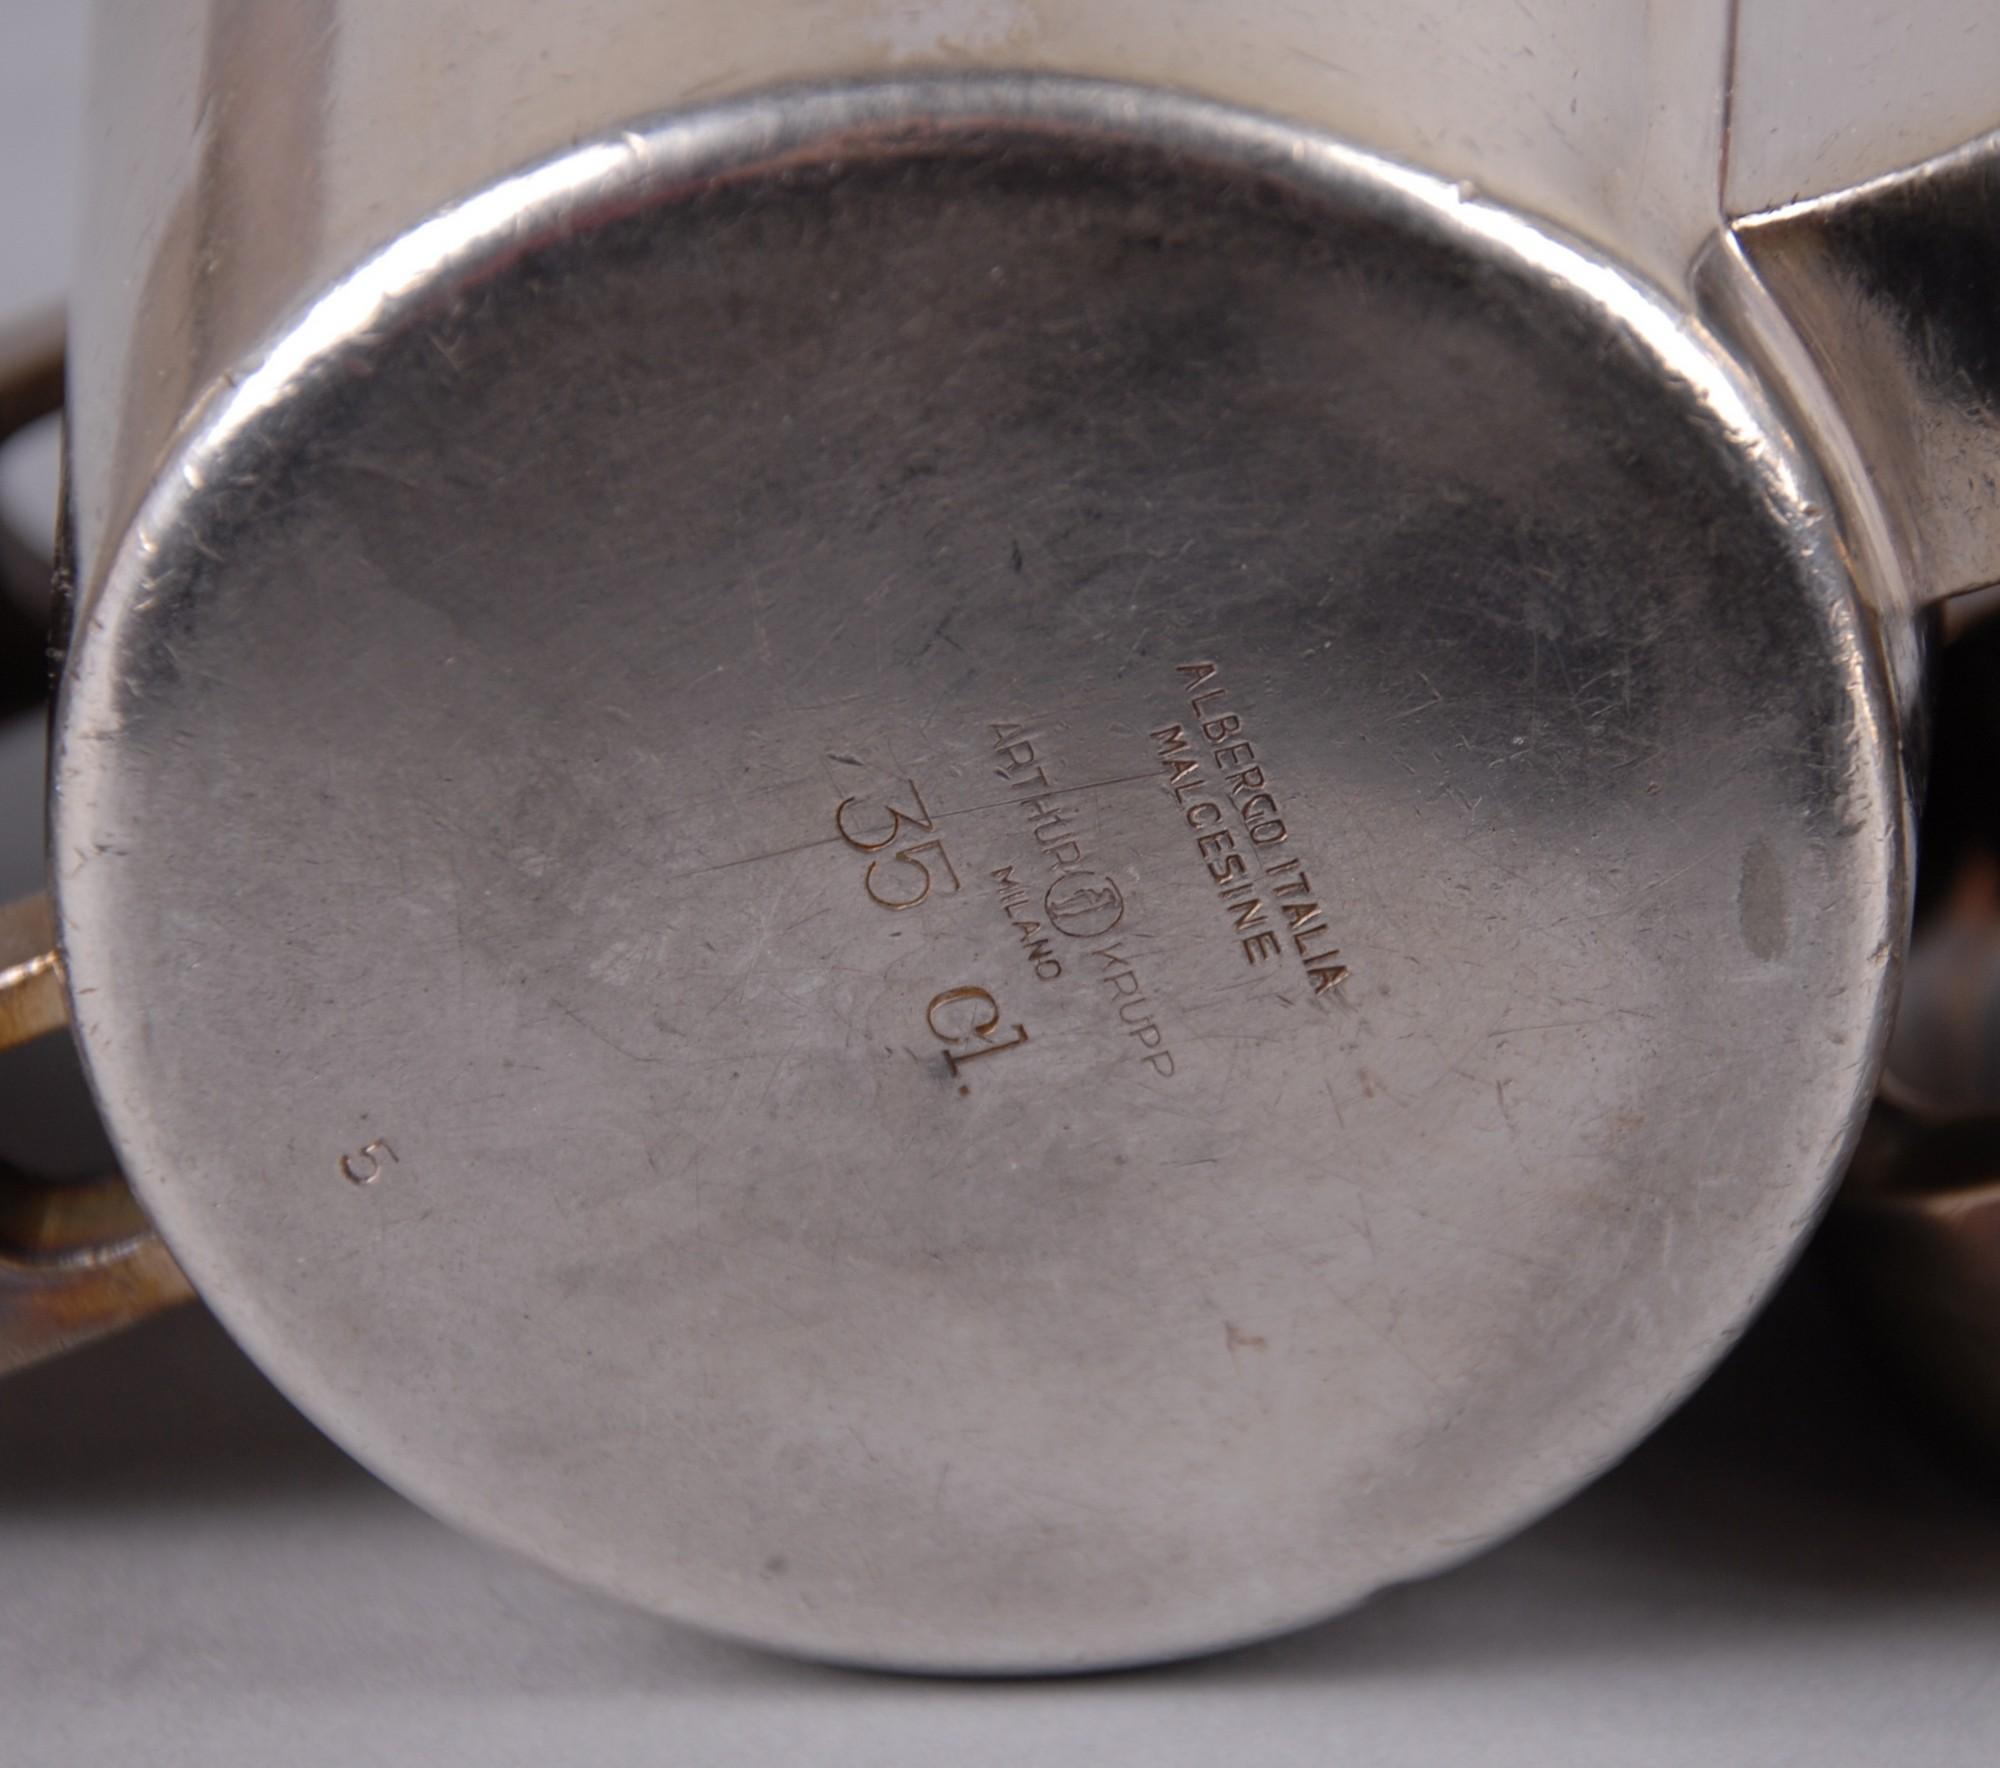 Lot 149 - PONTI GIOVANNI DETTO GIO' - Milano 1891-1979. Servizio in metallo argentato composto da teiera,